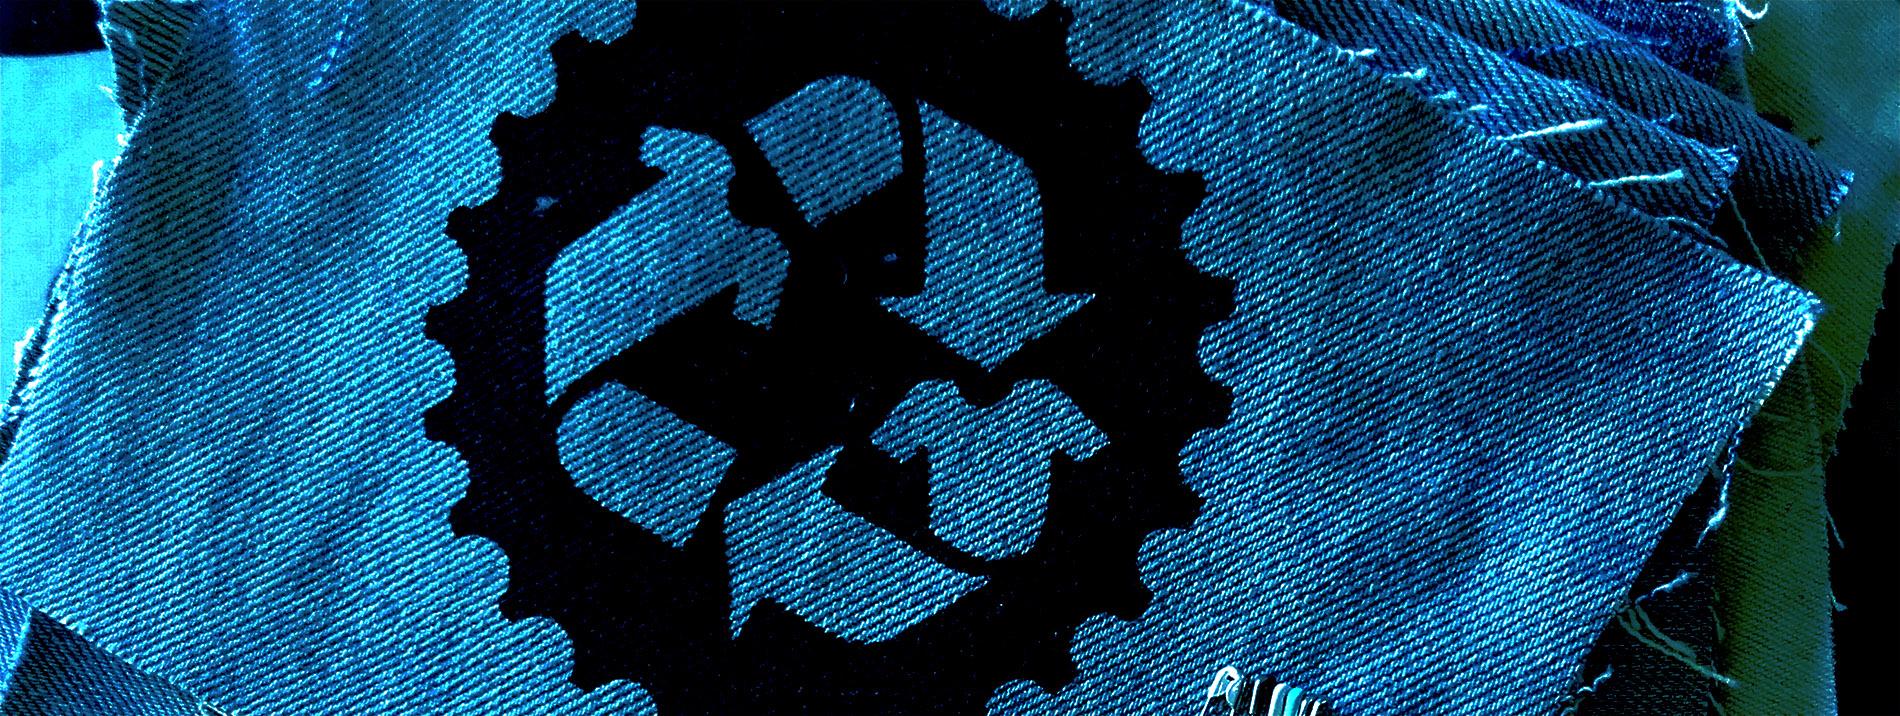 Miten Digitaalisuus Mullistaa Tekstiilialan? | Telaketju